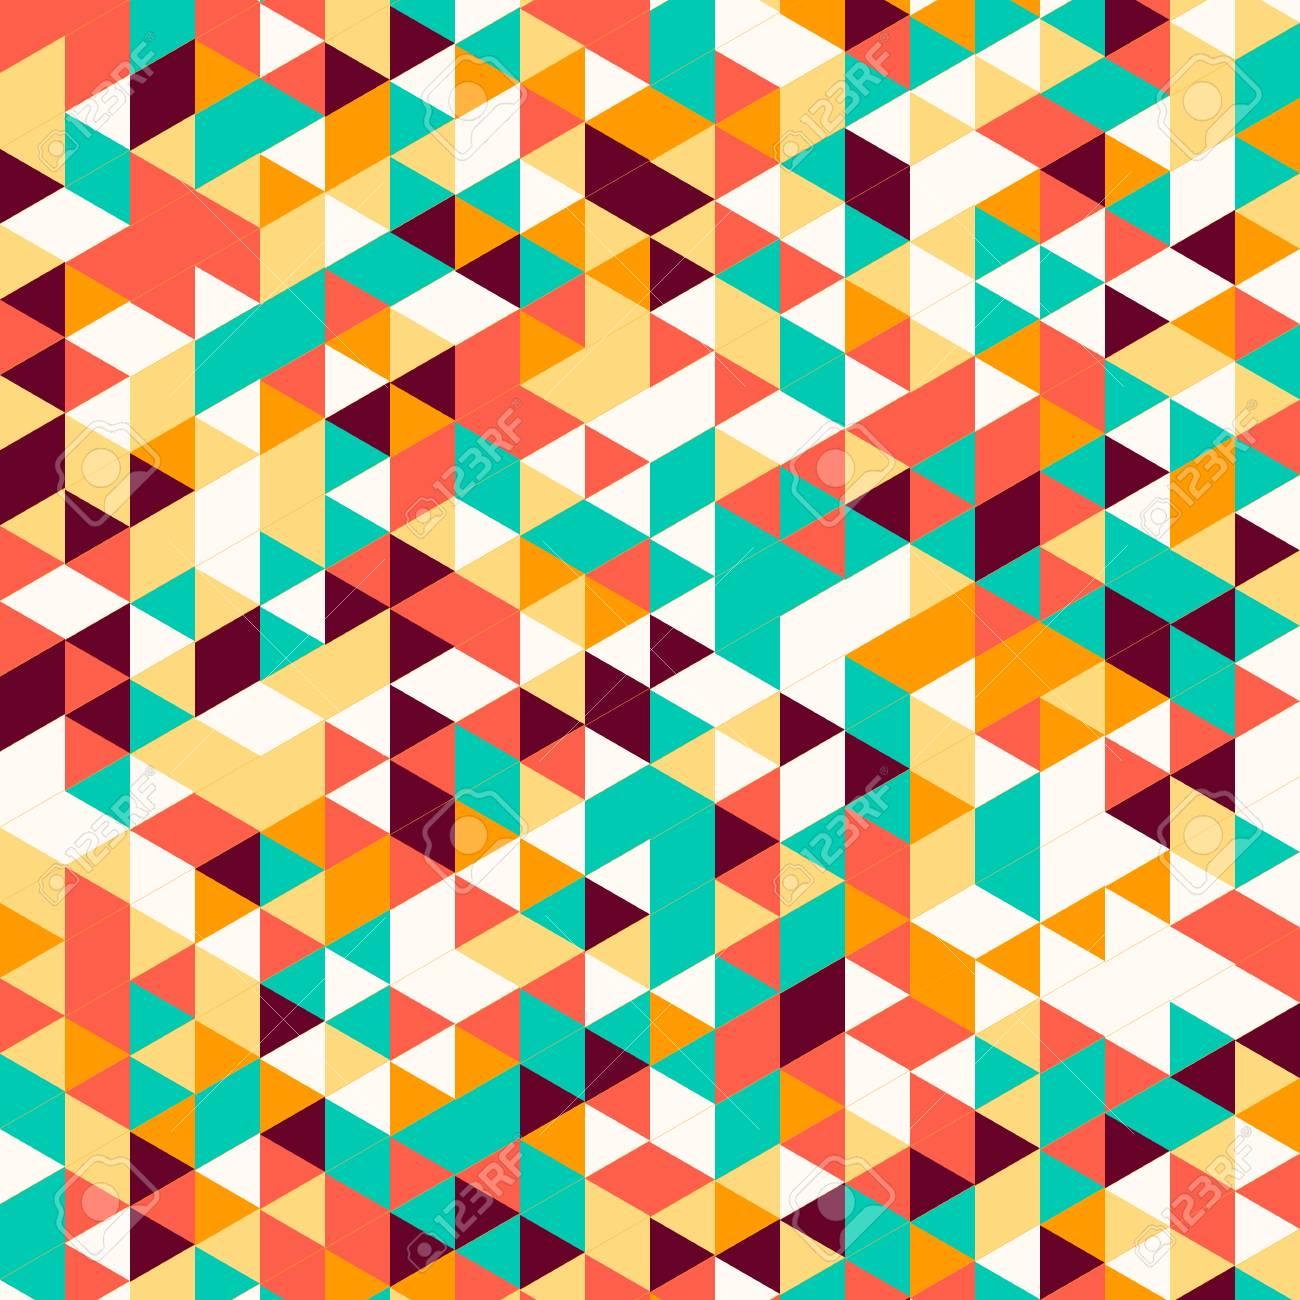 Resumen Triángulo Desenfoque De Fondo Multicolor. Ideal Para Gadgets ...